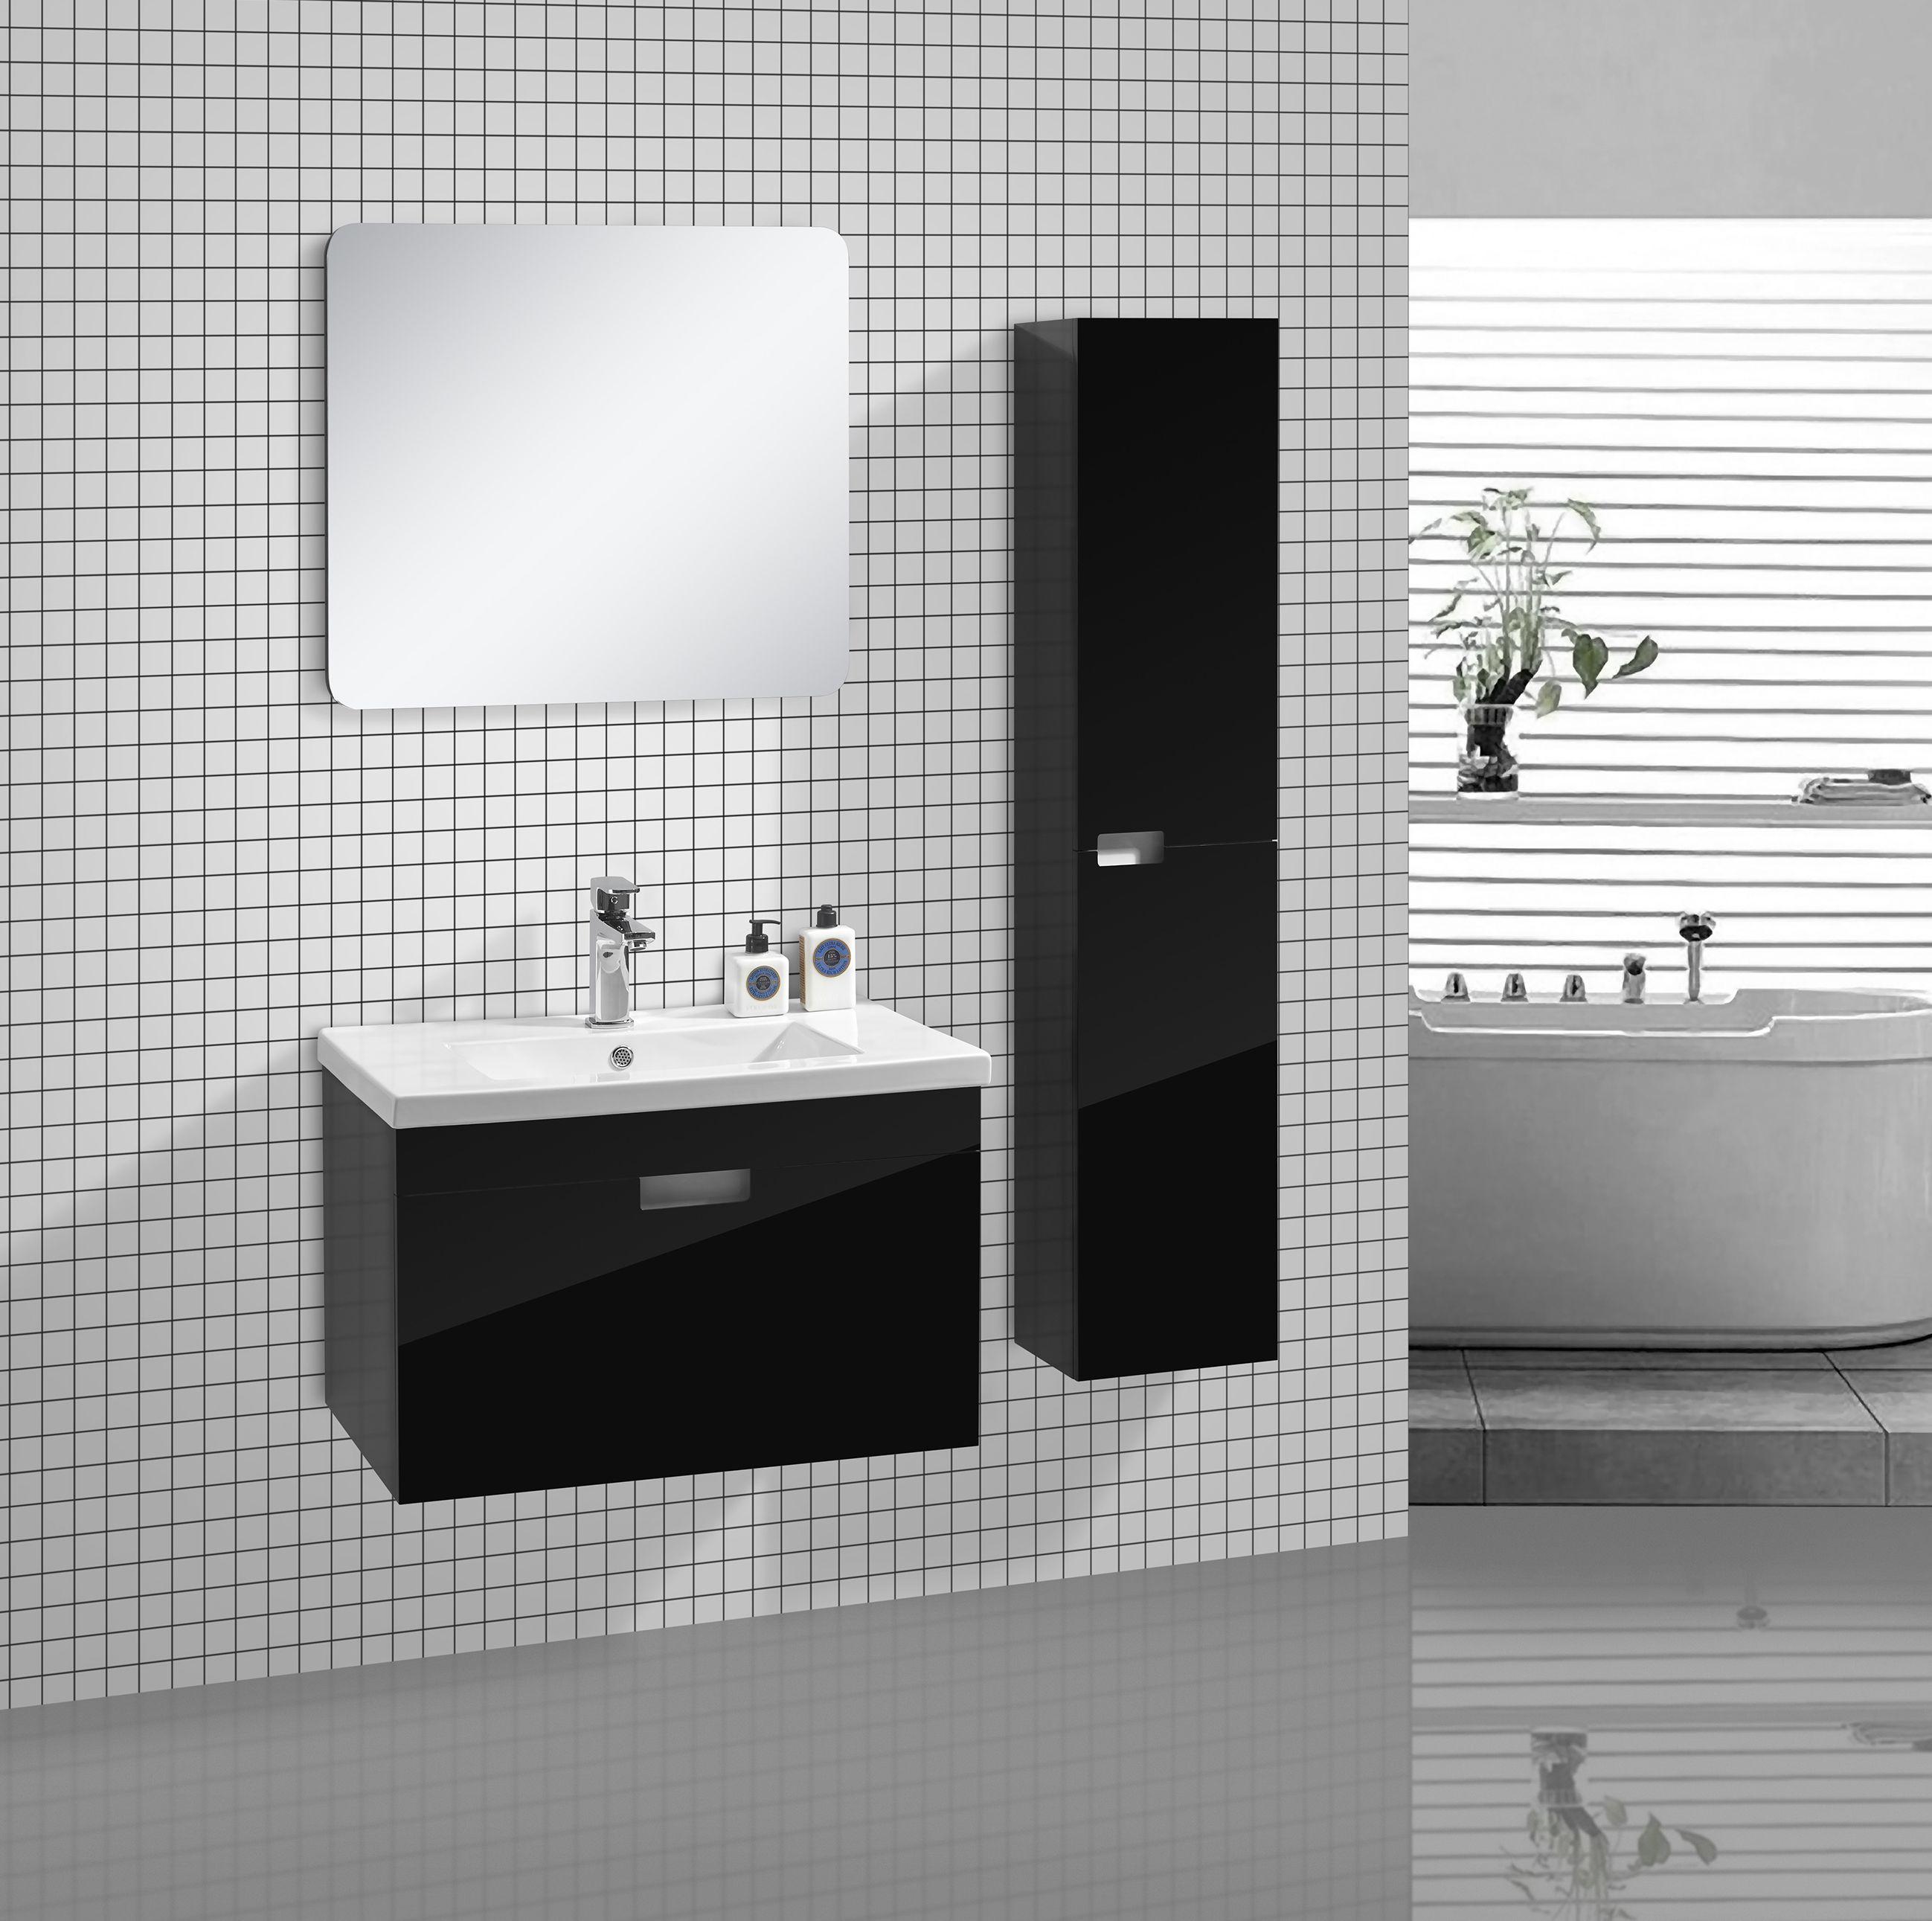 hochglanz schwarz hochglanz schwarz with hochglanz. Black Bedroom Furniture Sets. Home Design Ideas